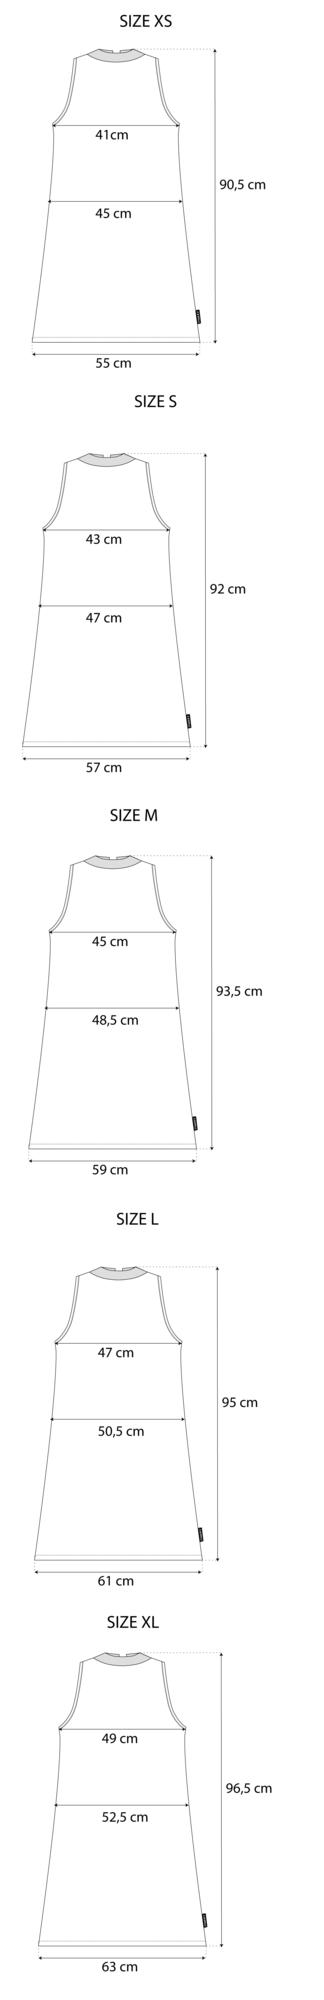 Maattabel Tie Dress